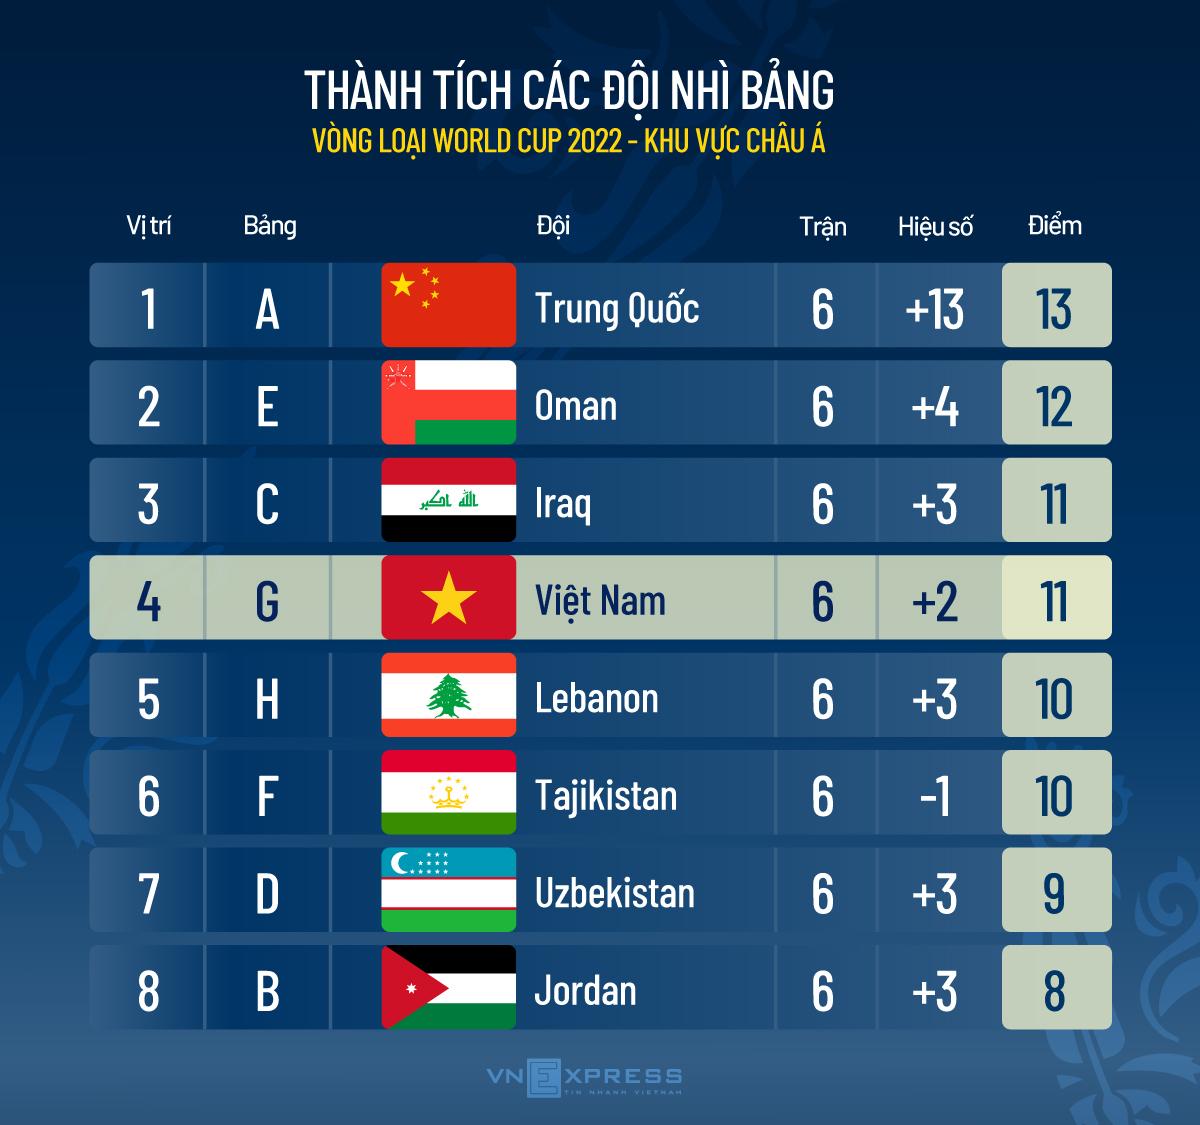 Van Marwijk: Thắng Việt Nam là trận hay nhất của UAE - 3